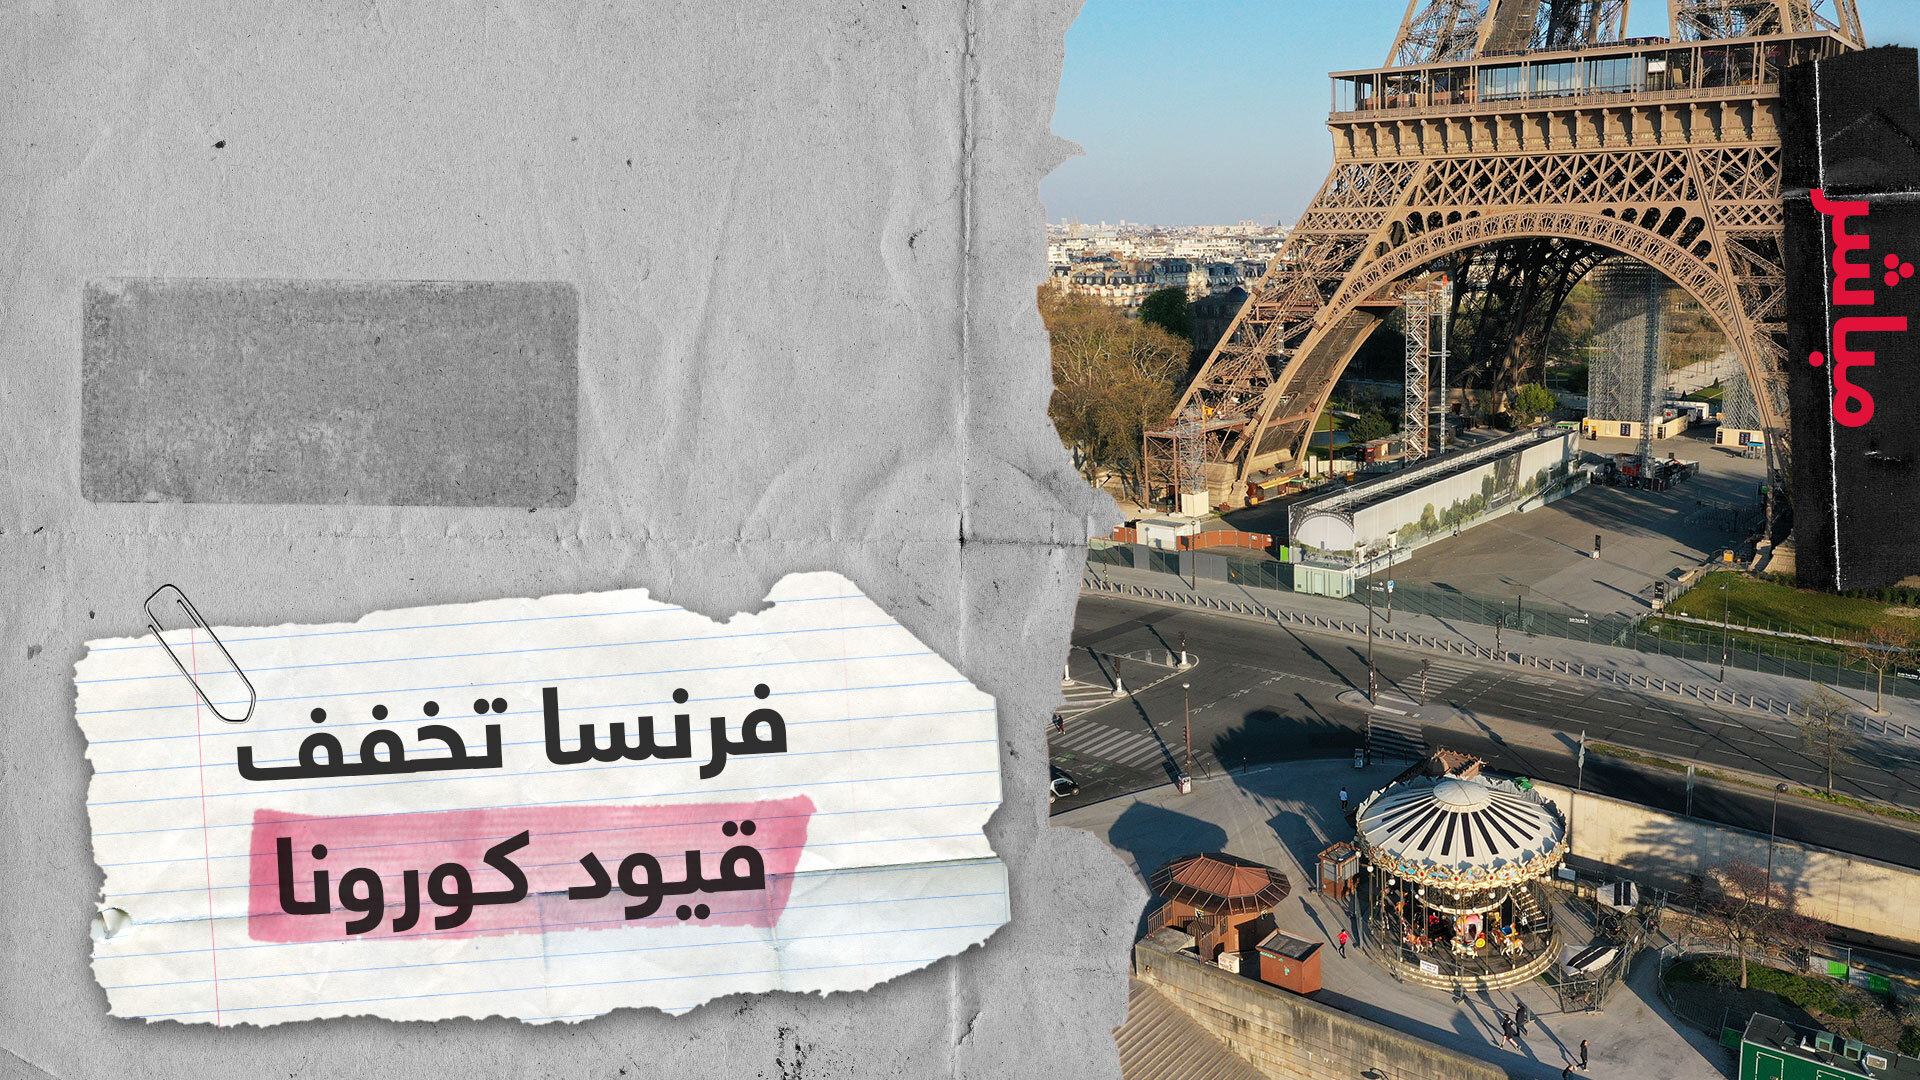 تخفيف القيود بفرنسا واستنكار مسلمين لقرار فتح دور العبادة